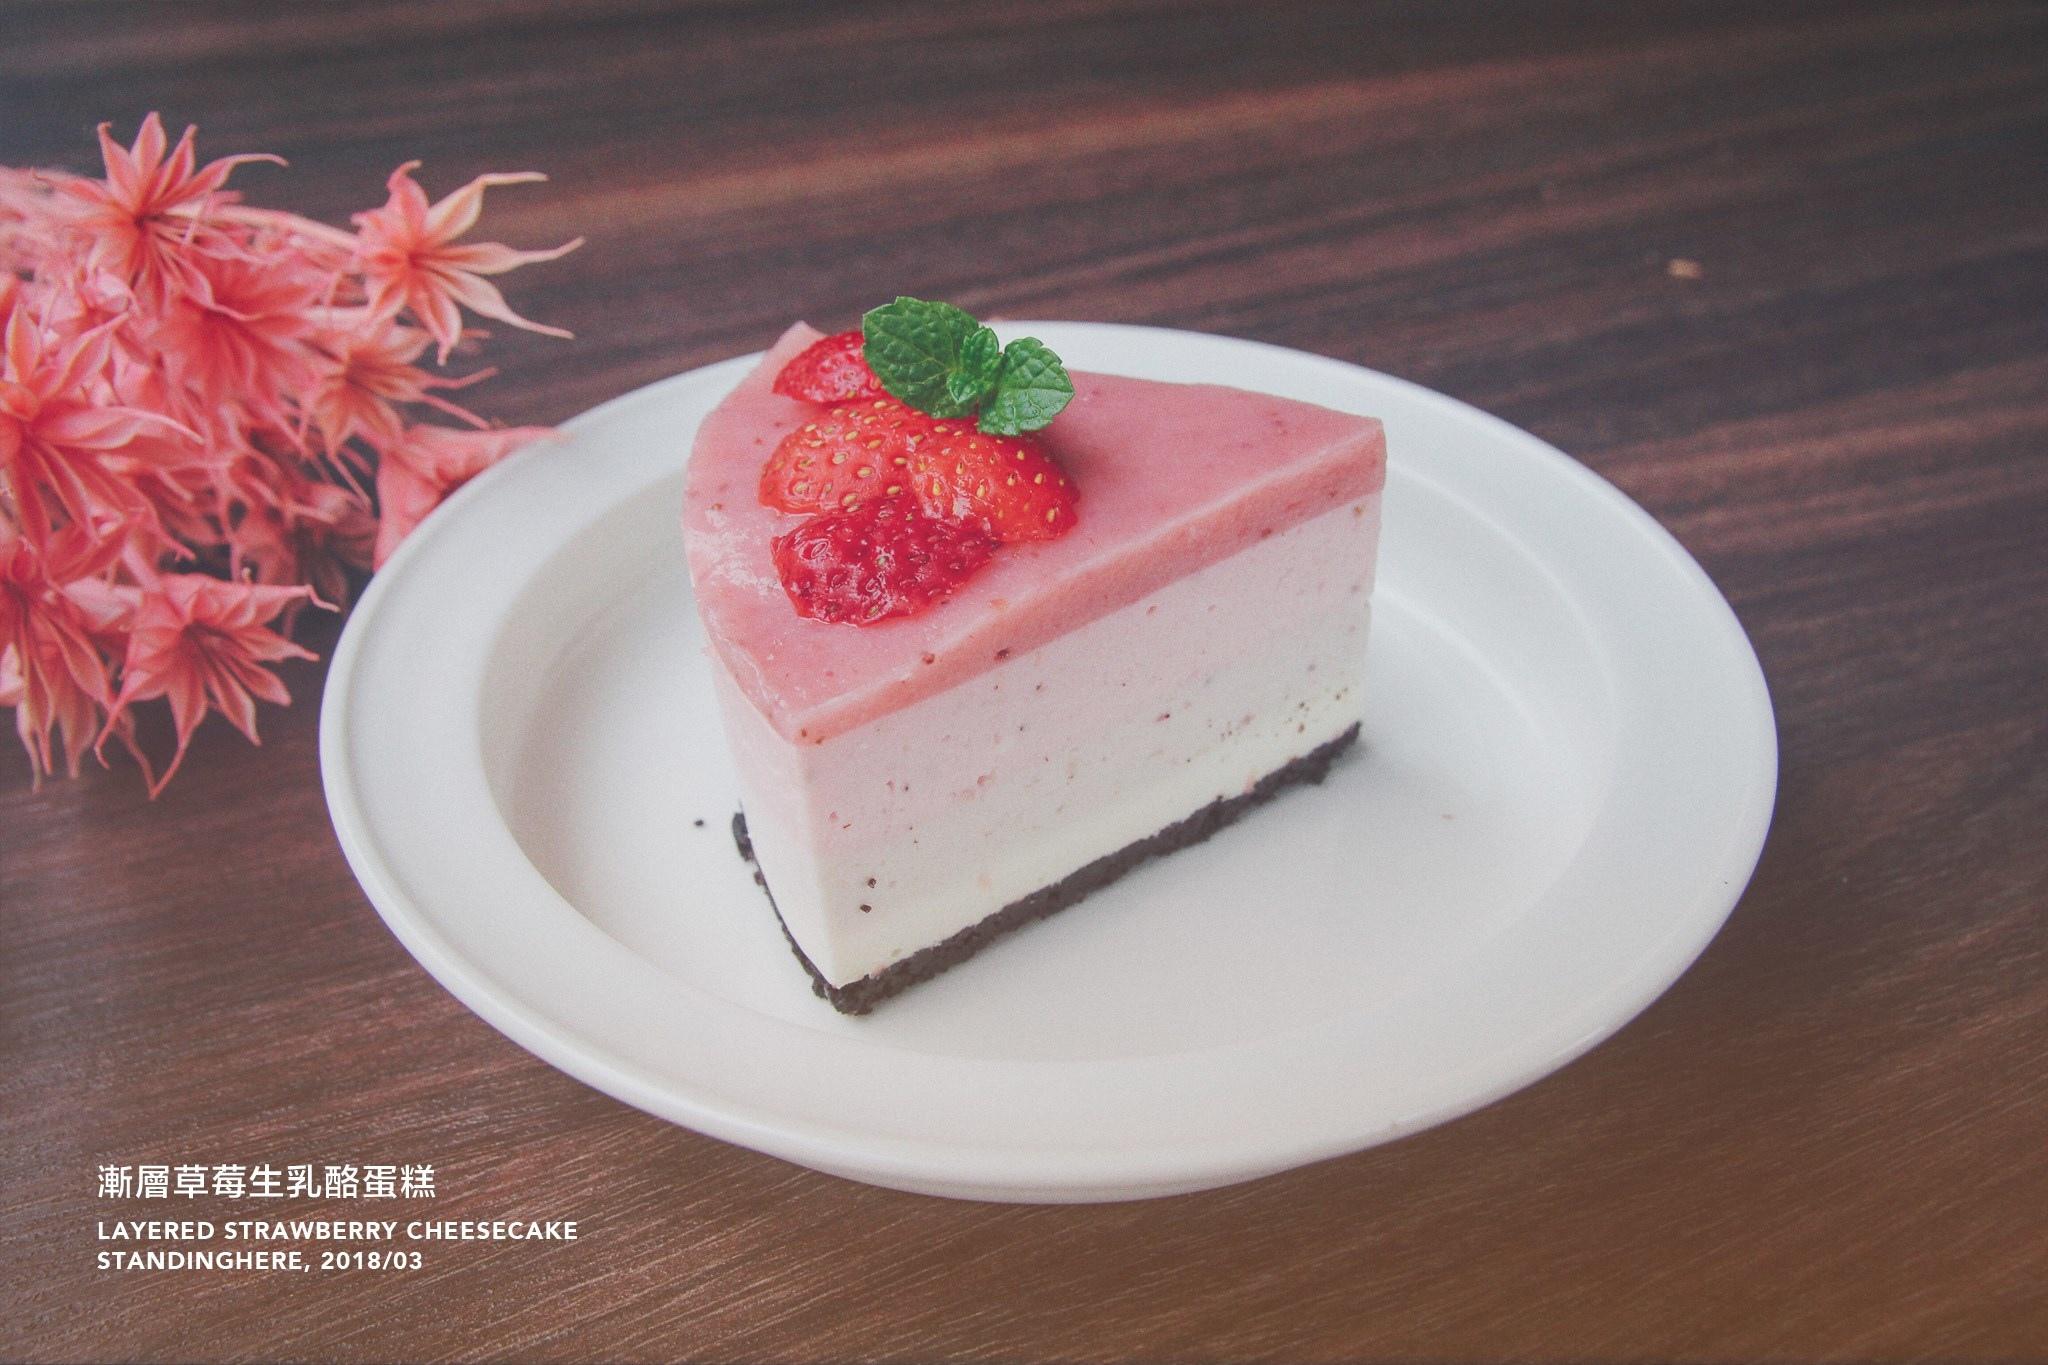 7號驛站X在這手作甜點-草莓漸層生乳酪